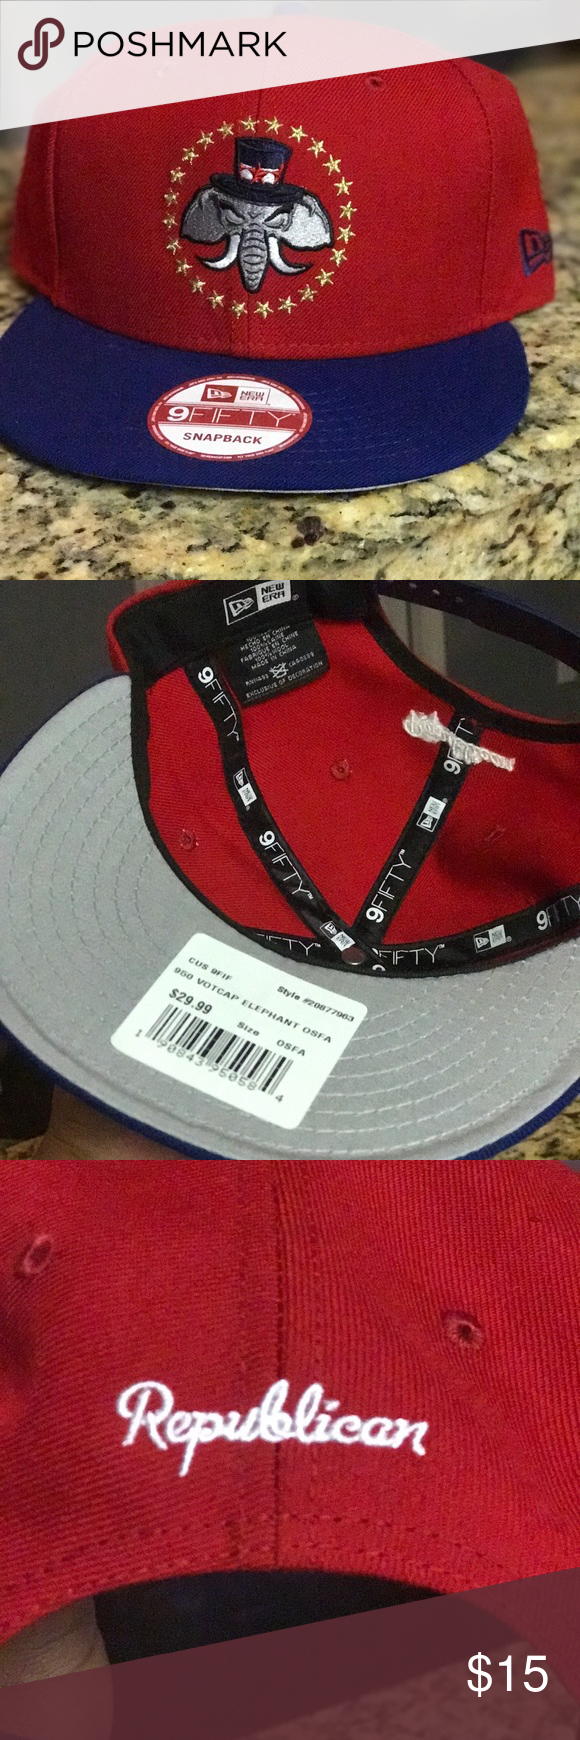 a9b7d62612b RARE NEW ERA REPUBLICAN (VOTE-CAP) SNAPBACK BRAND NEW(NEVER WORN) NEW ERA  REPUBLICAN PARTY SNAPBACK.M L FIT New Era Accessories Hats